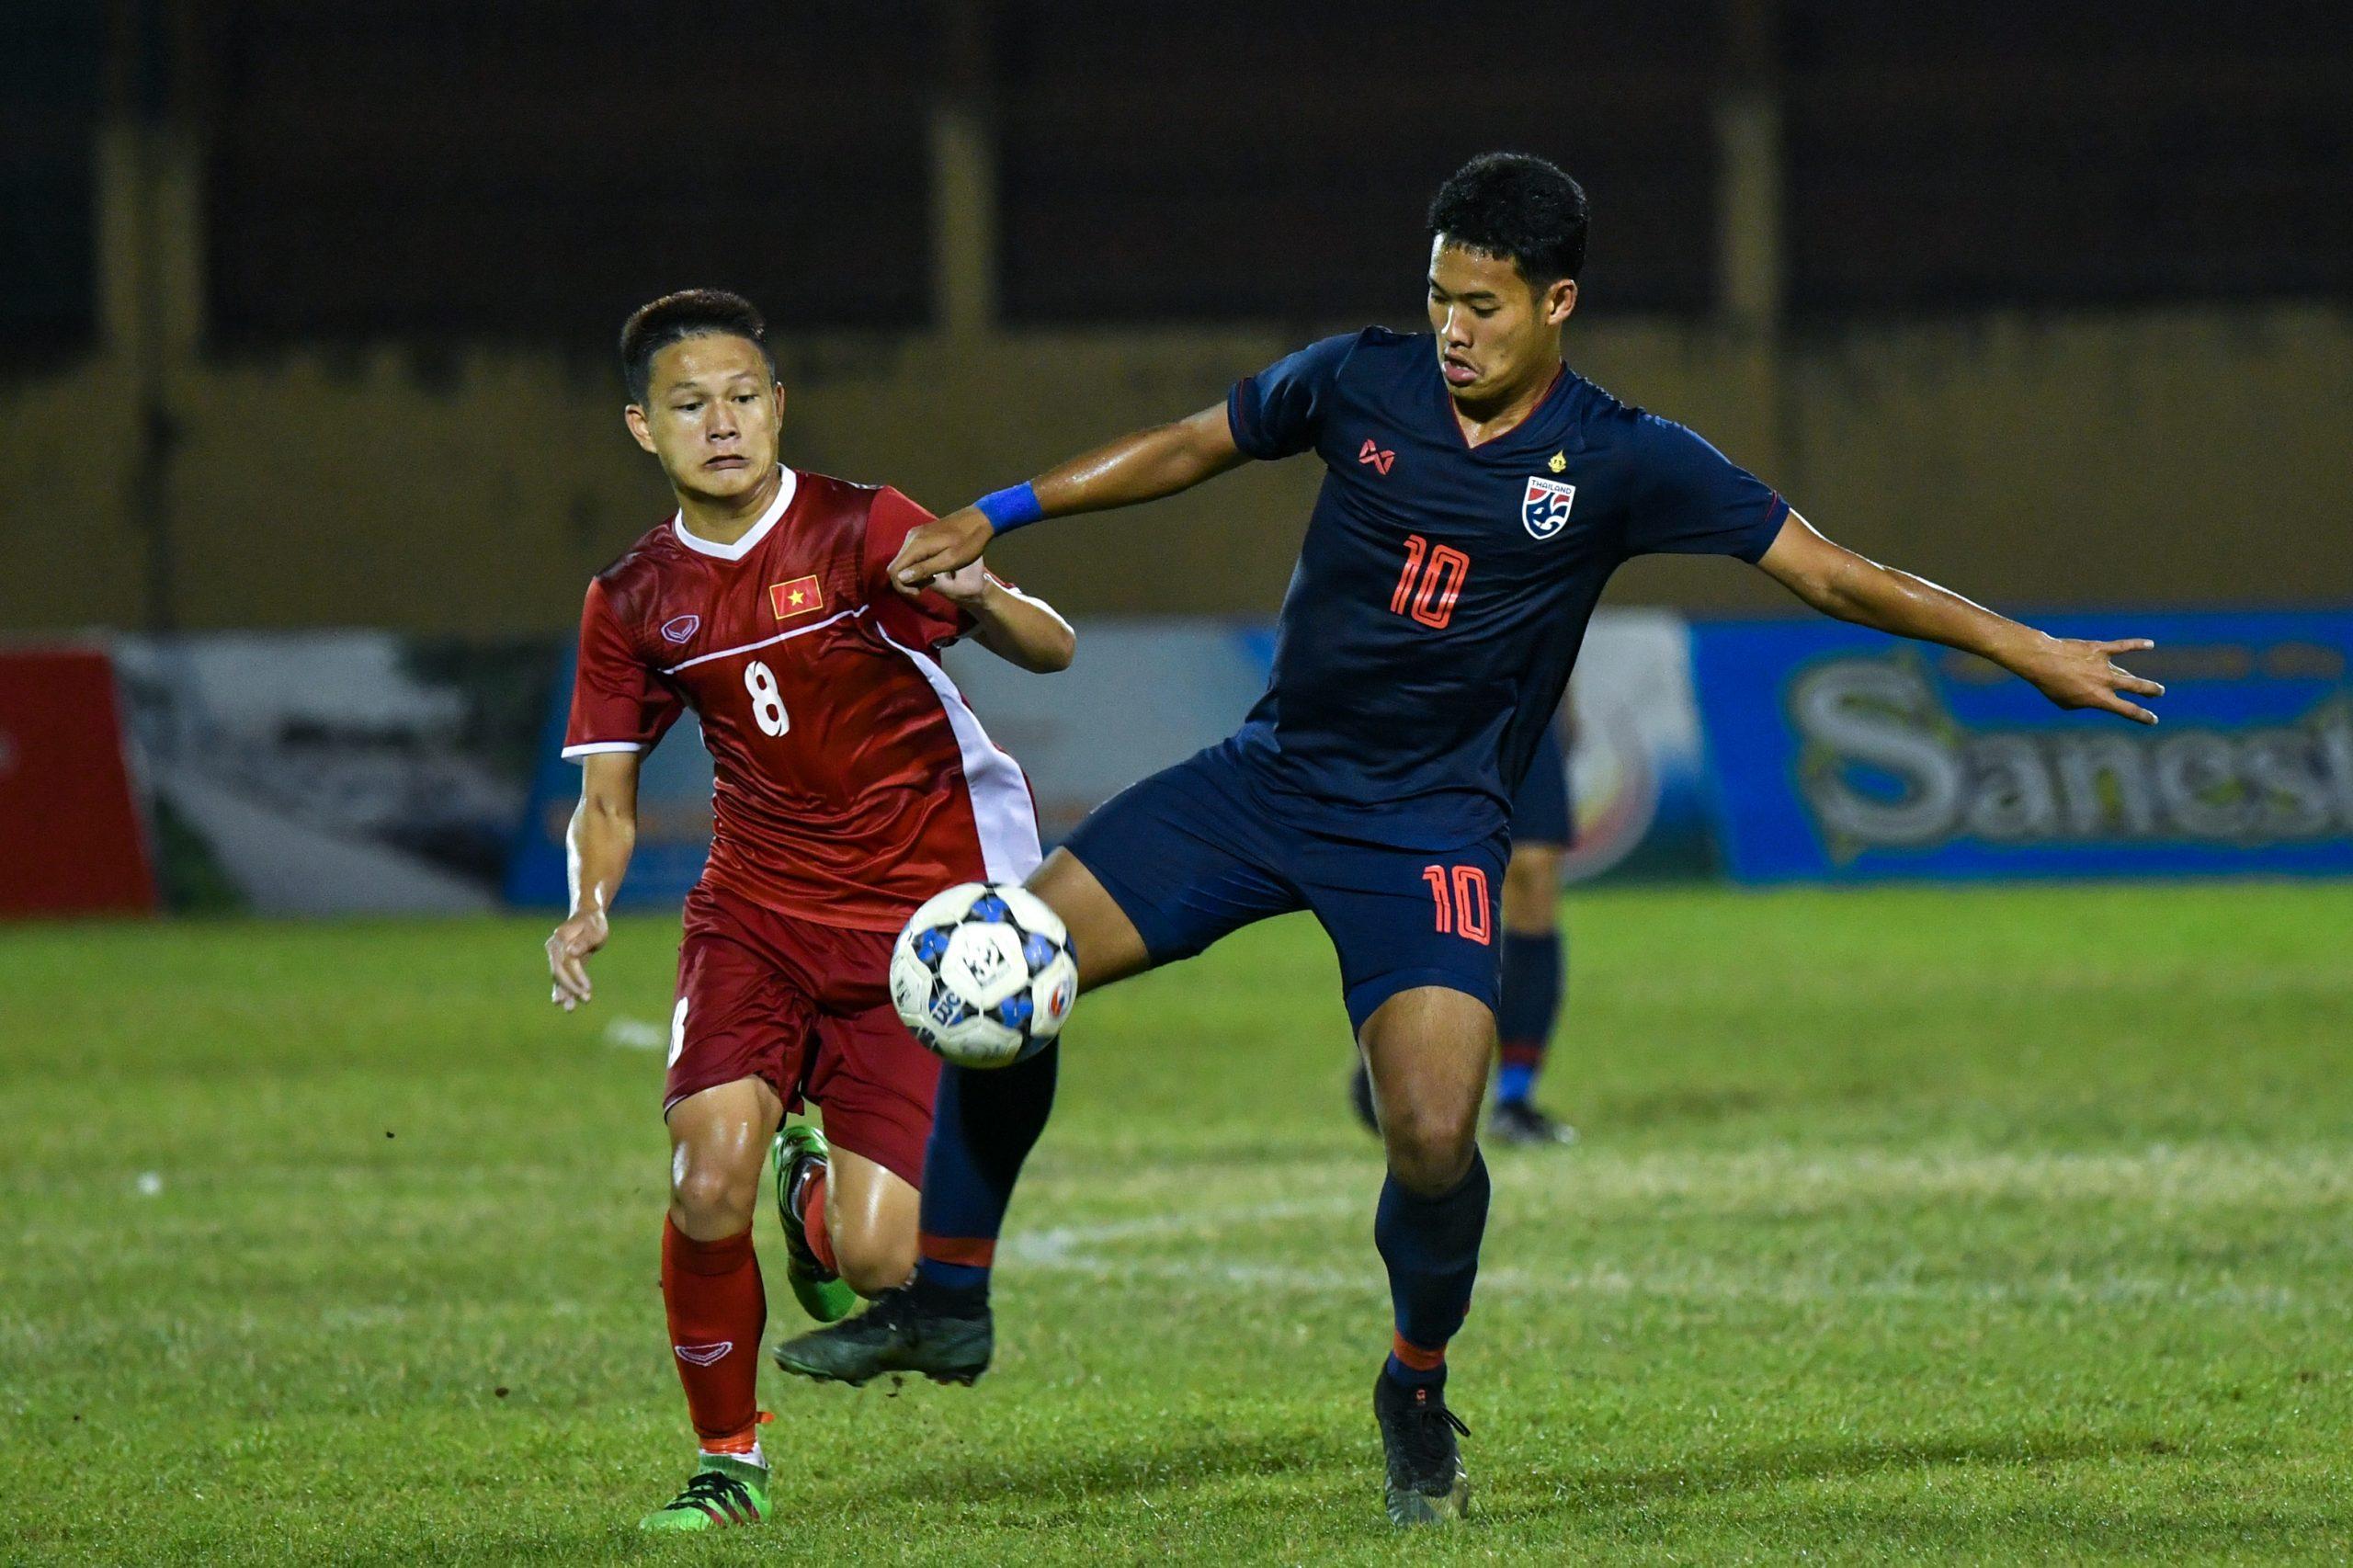 VFF U19 International ทีมชาติเวียดนาม U19 ทีมชาติไทย U19